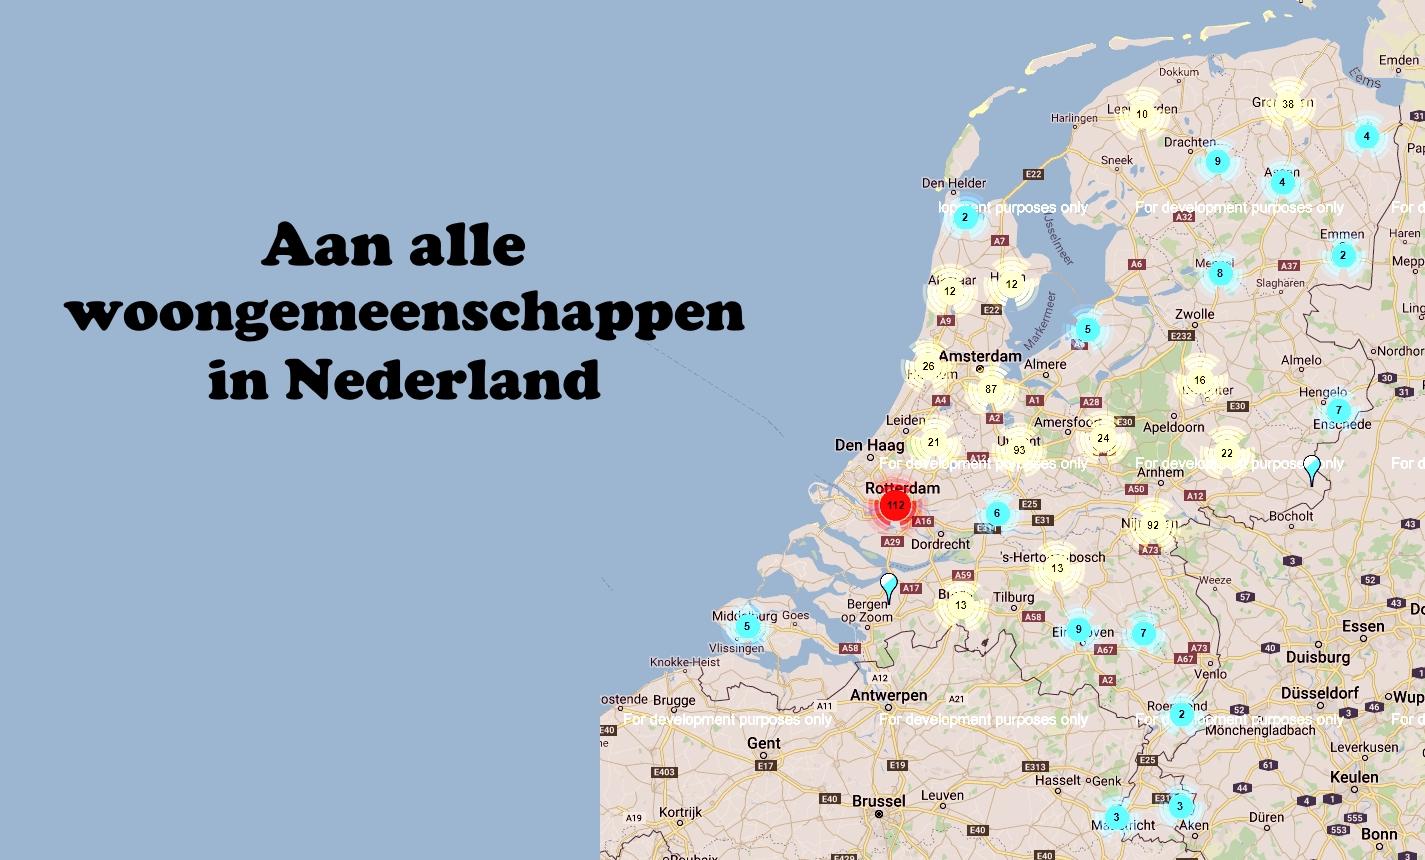 woongemeenschappen in Nederland